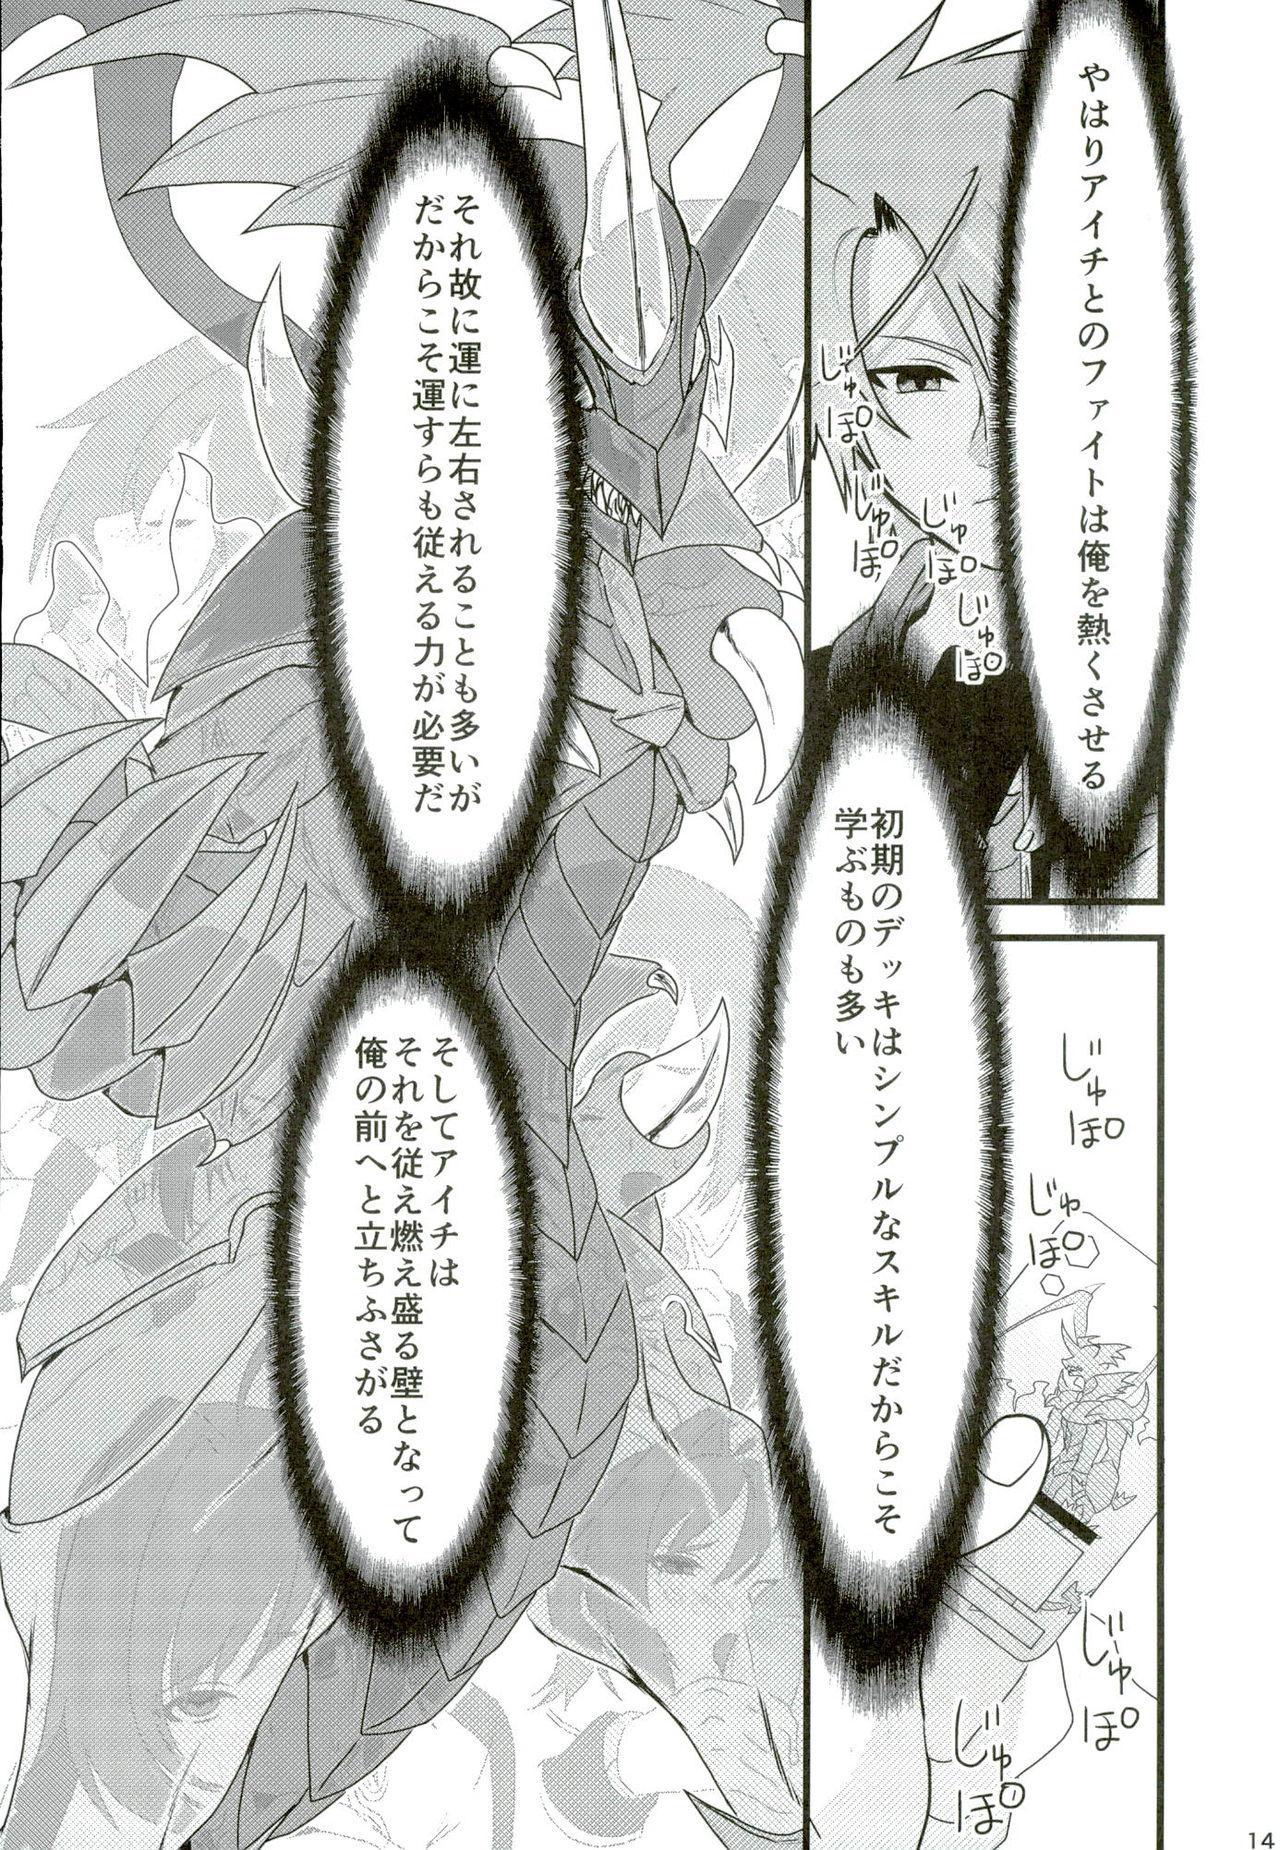 Kai-kun no Bunshin wa Fight de Shika Stand Shinai 13